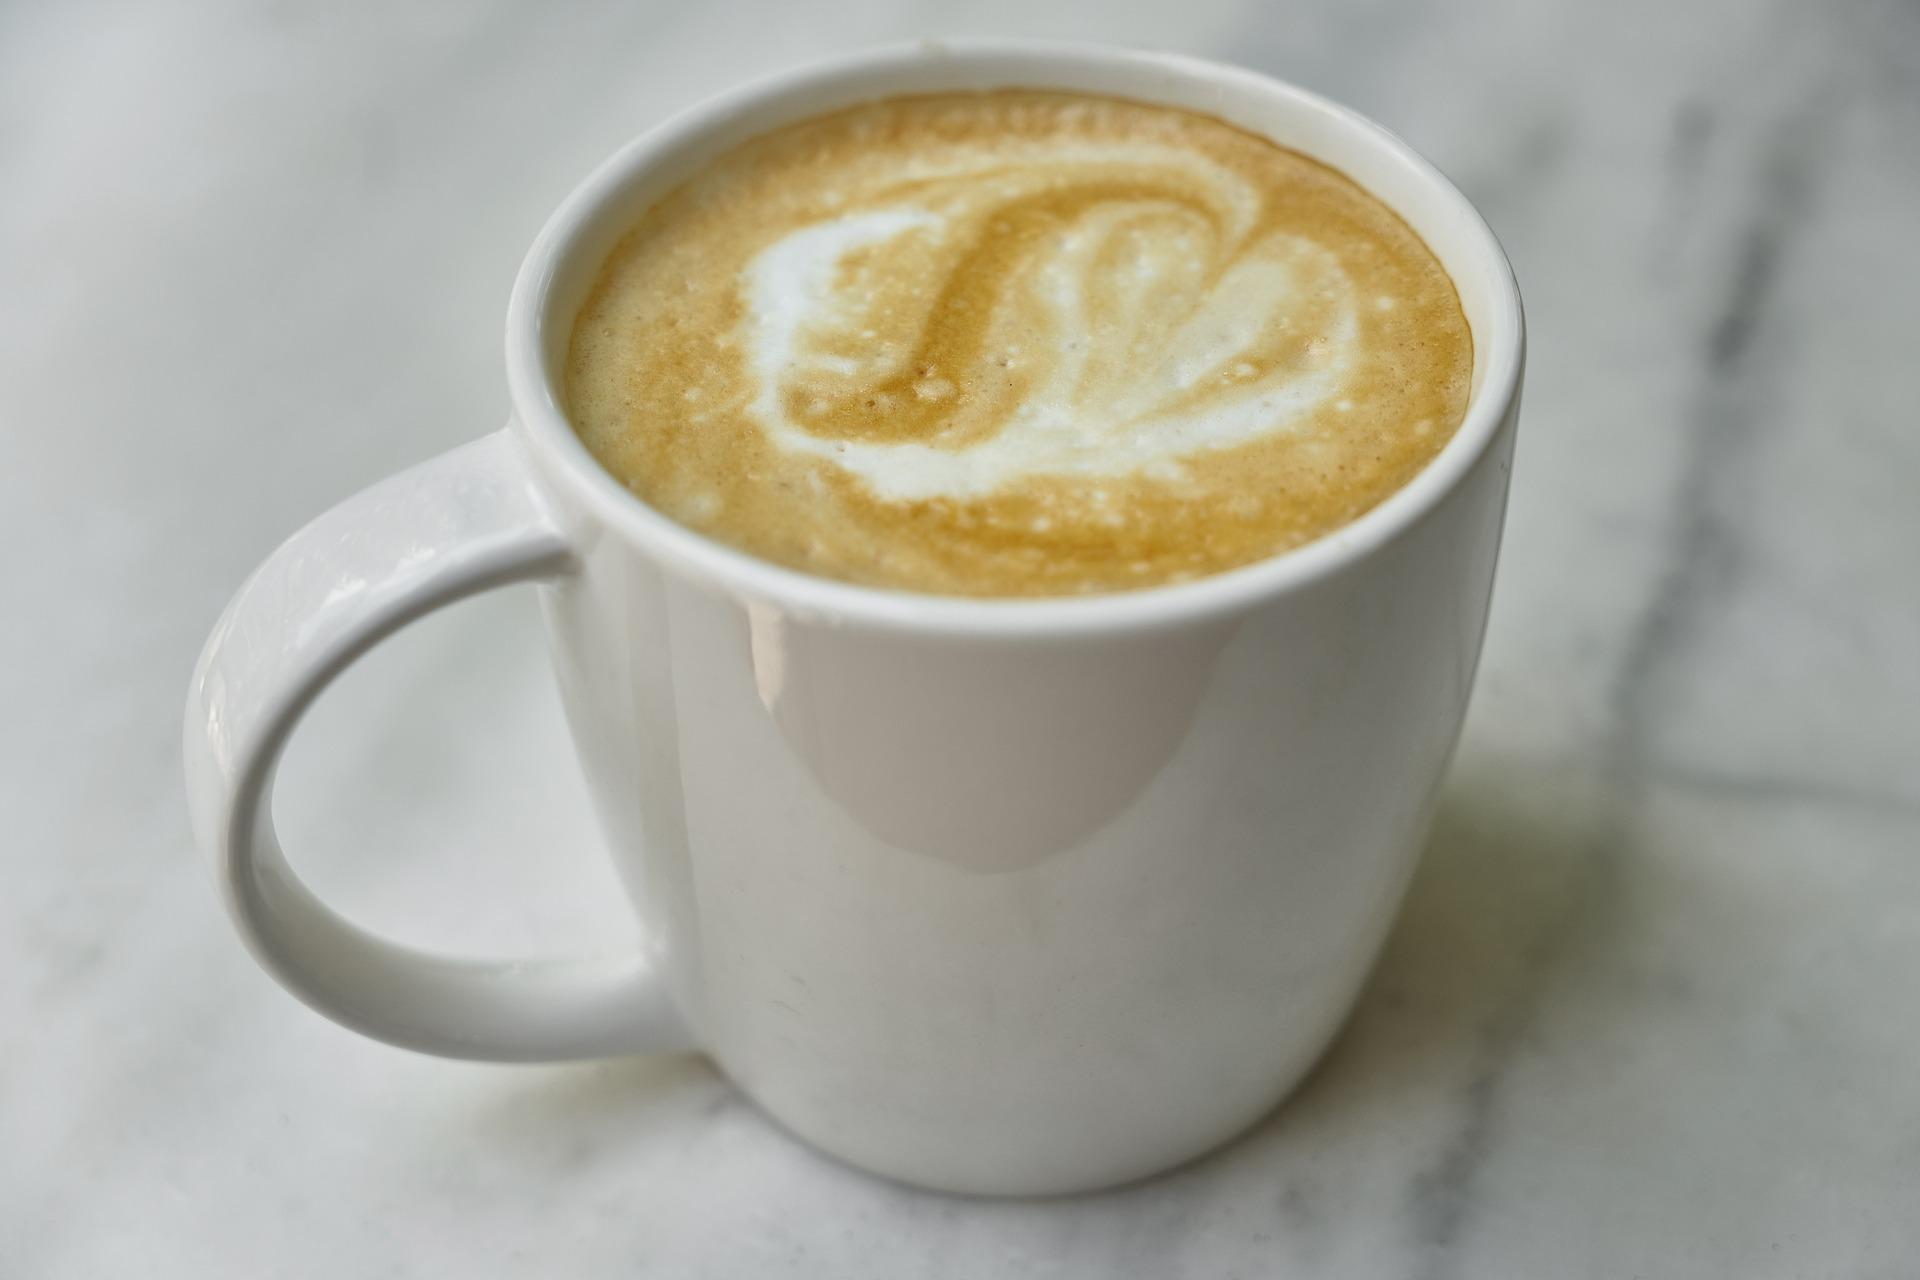 как сделать кофе флэт уайт в домашних условиях